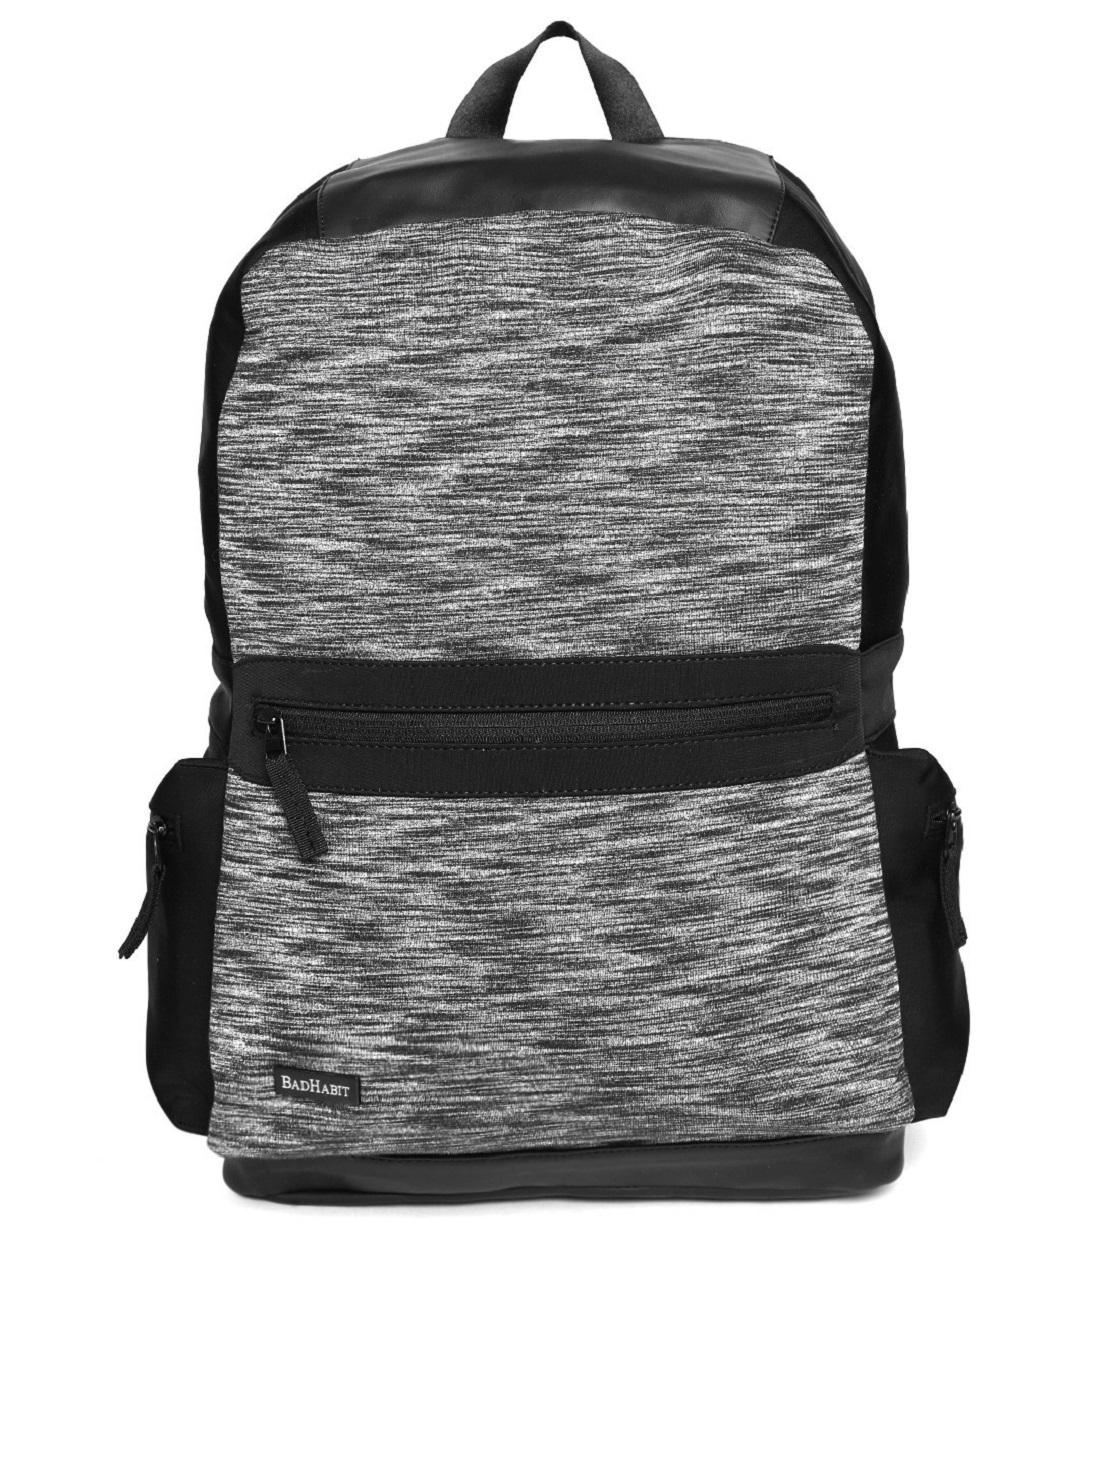 Bad Habit Polyester 12 L Multi Colour Unisex Bags